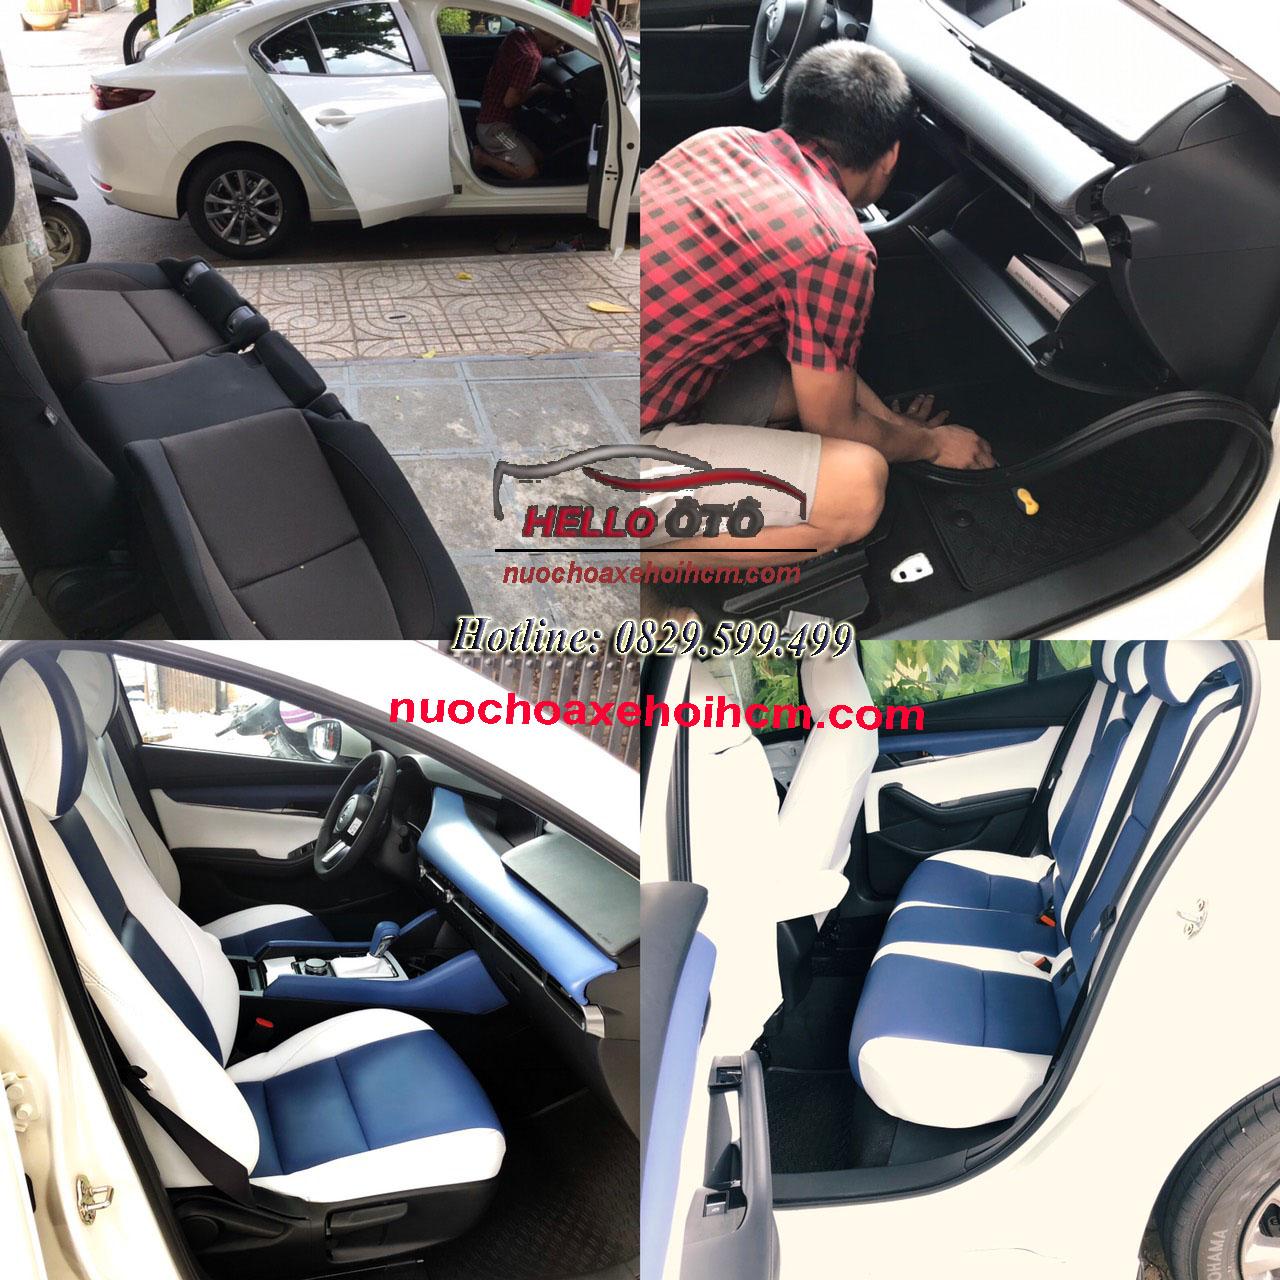 Bọc da áo ghế Mazda 3 2020 Đổi màu nội thất